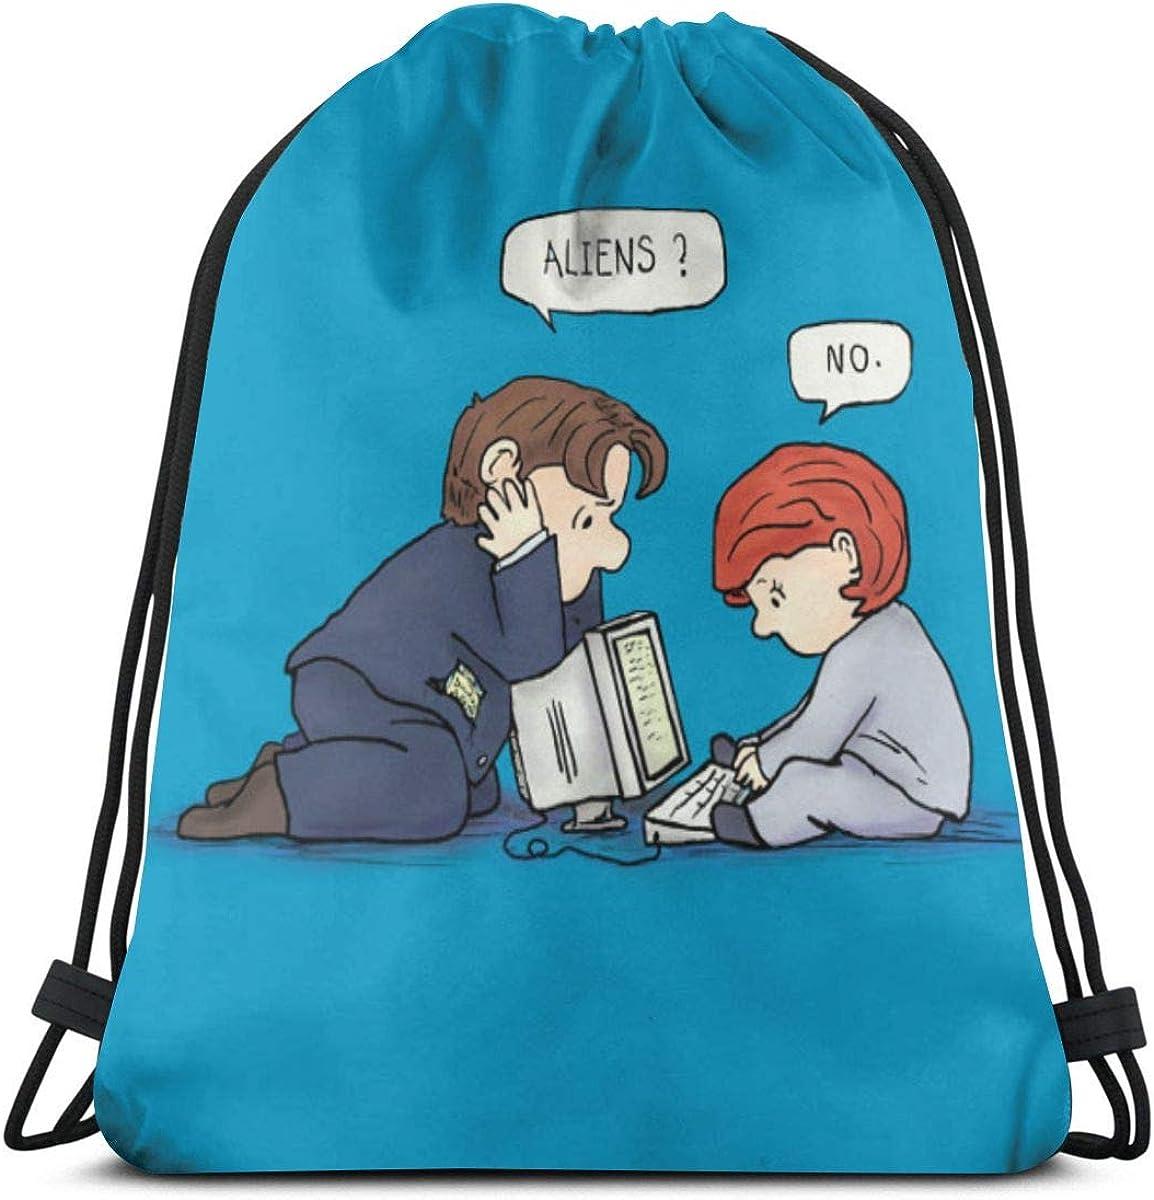 Unisex Kids Drawstring Waterproof Swim Sports Bag Schoolbag Backpack PE Gym Cute